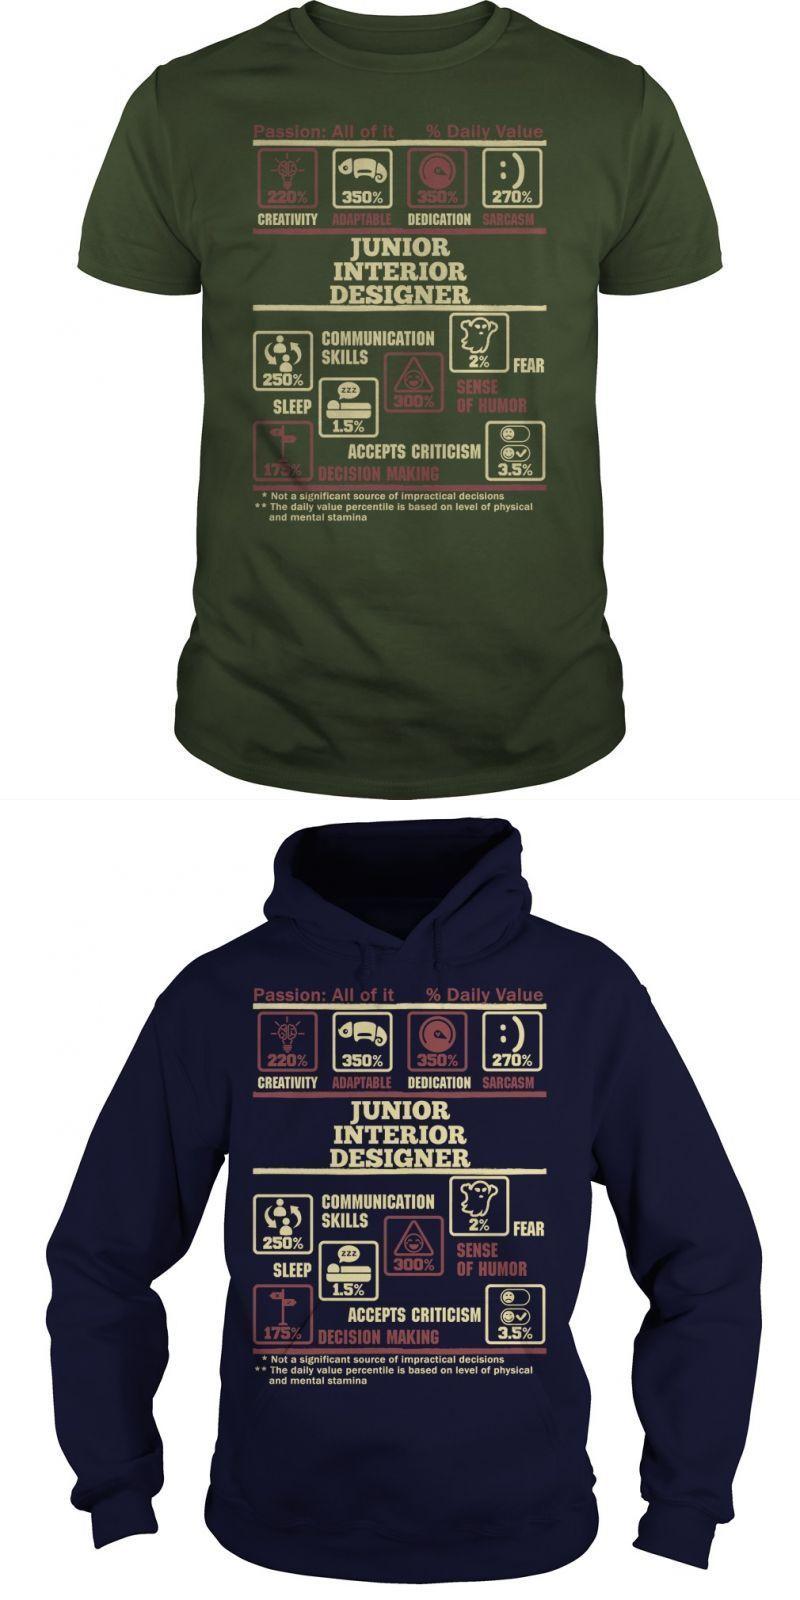 JUNIOR INTERIOR DESIGNER Guys Tee Hoodie Sweat Shirt Ladies Tee Guys